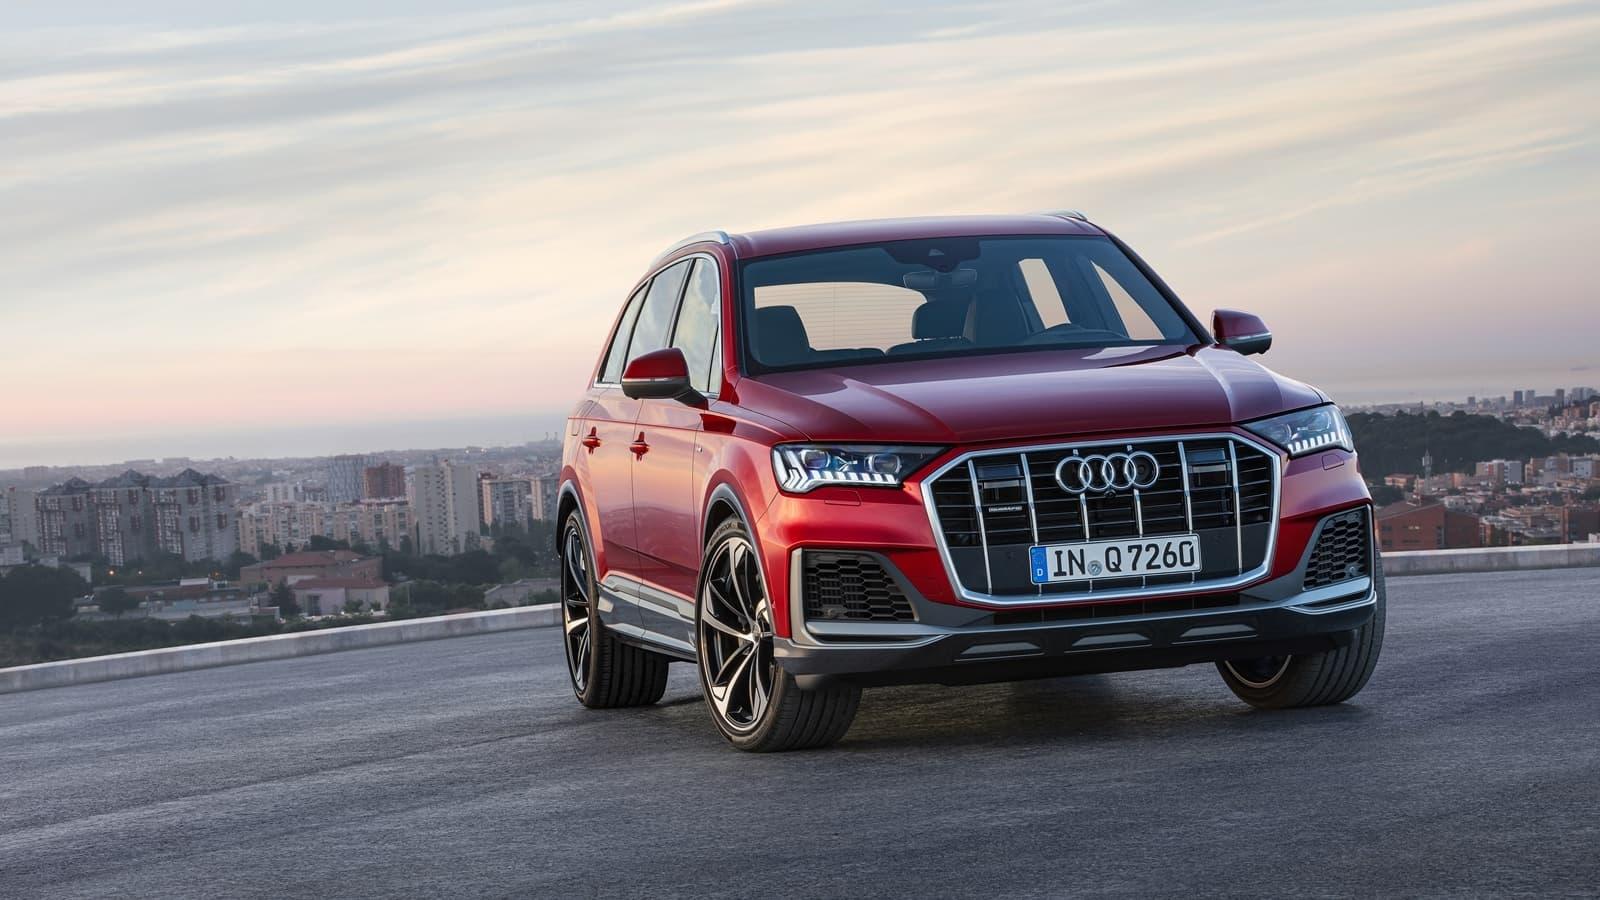 Audi Q7 2021 Precios Y Versiones Caracteristicas Ficha Tecnica Fotos Y Noticias Diariomotor